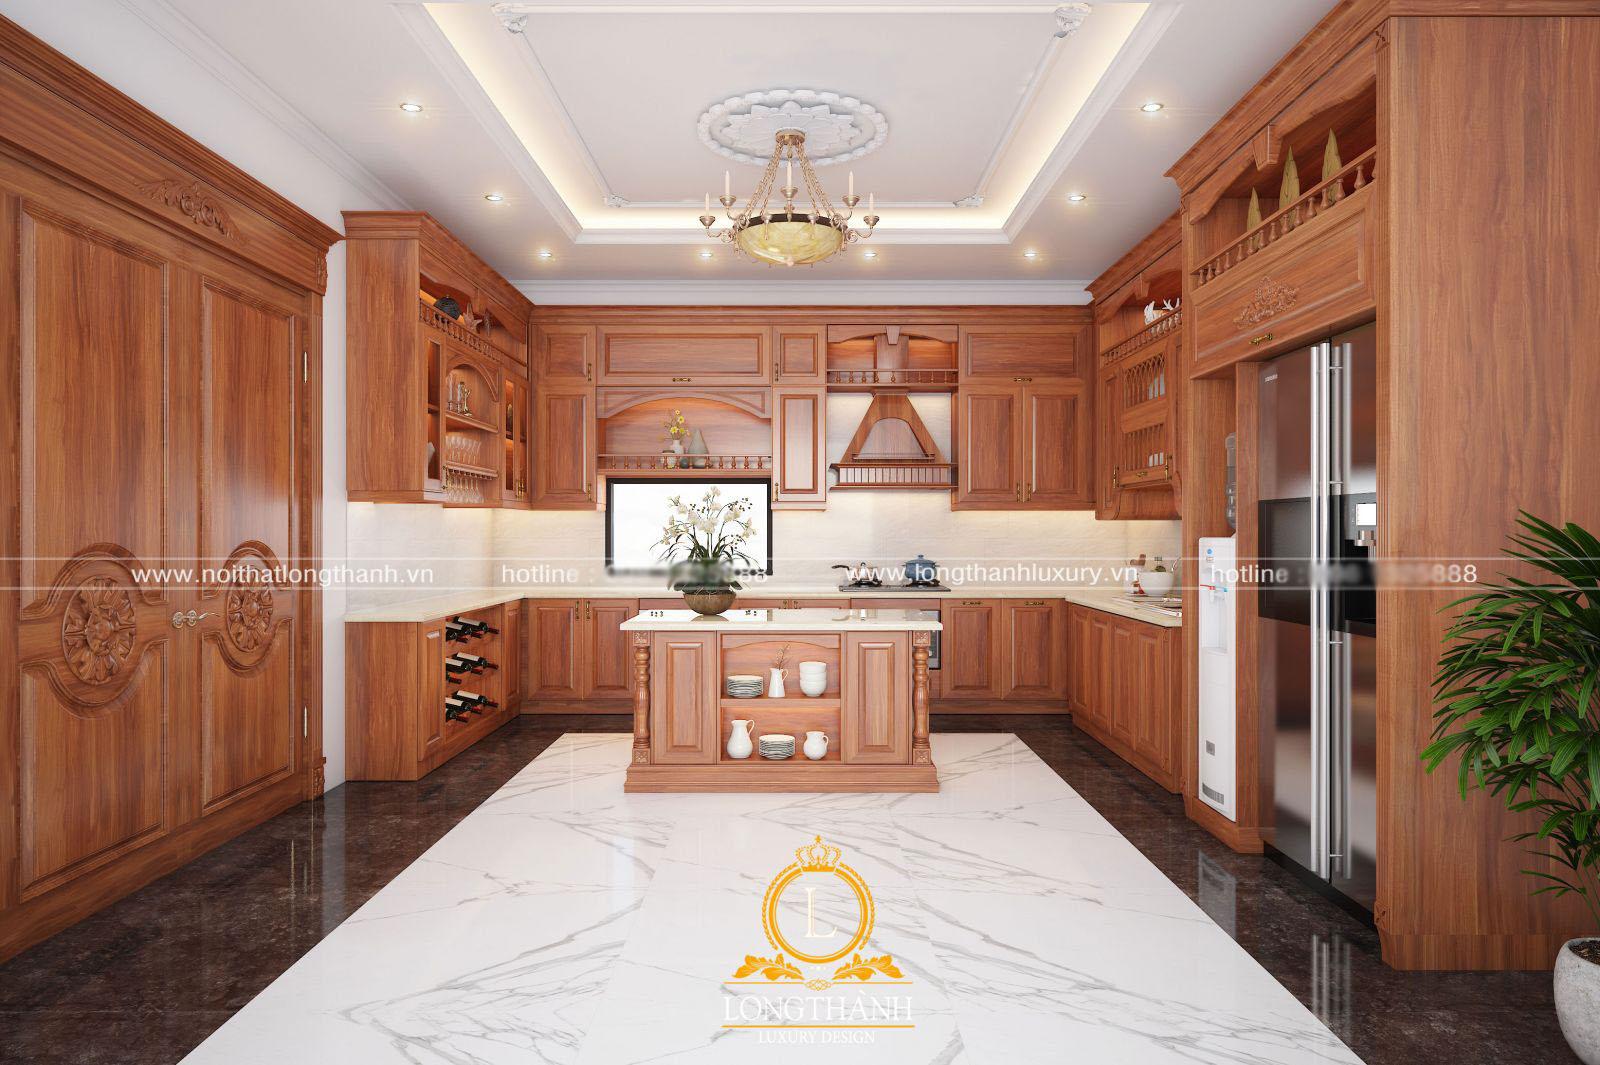 Sự kết hợp hòa quyền giữa các món đồ nội thất phòng bếp tân cổ điển